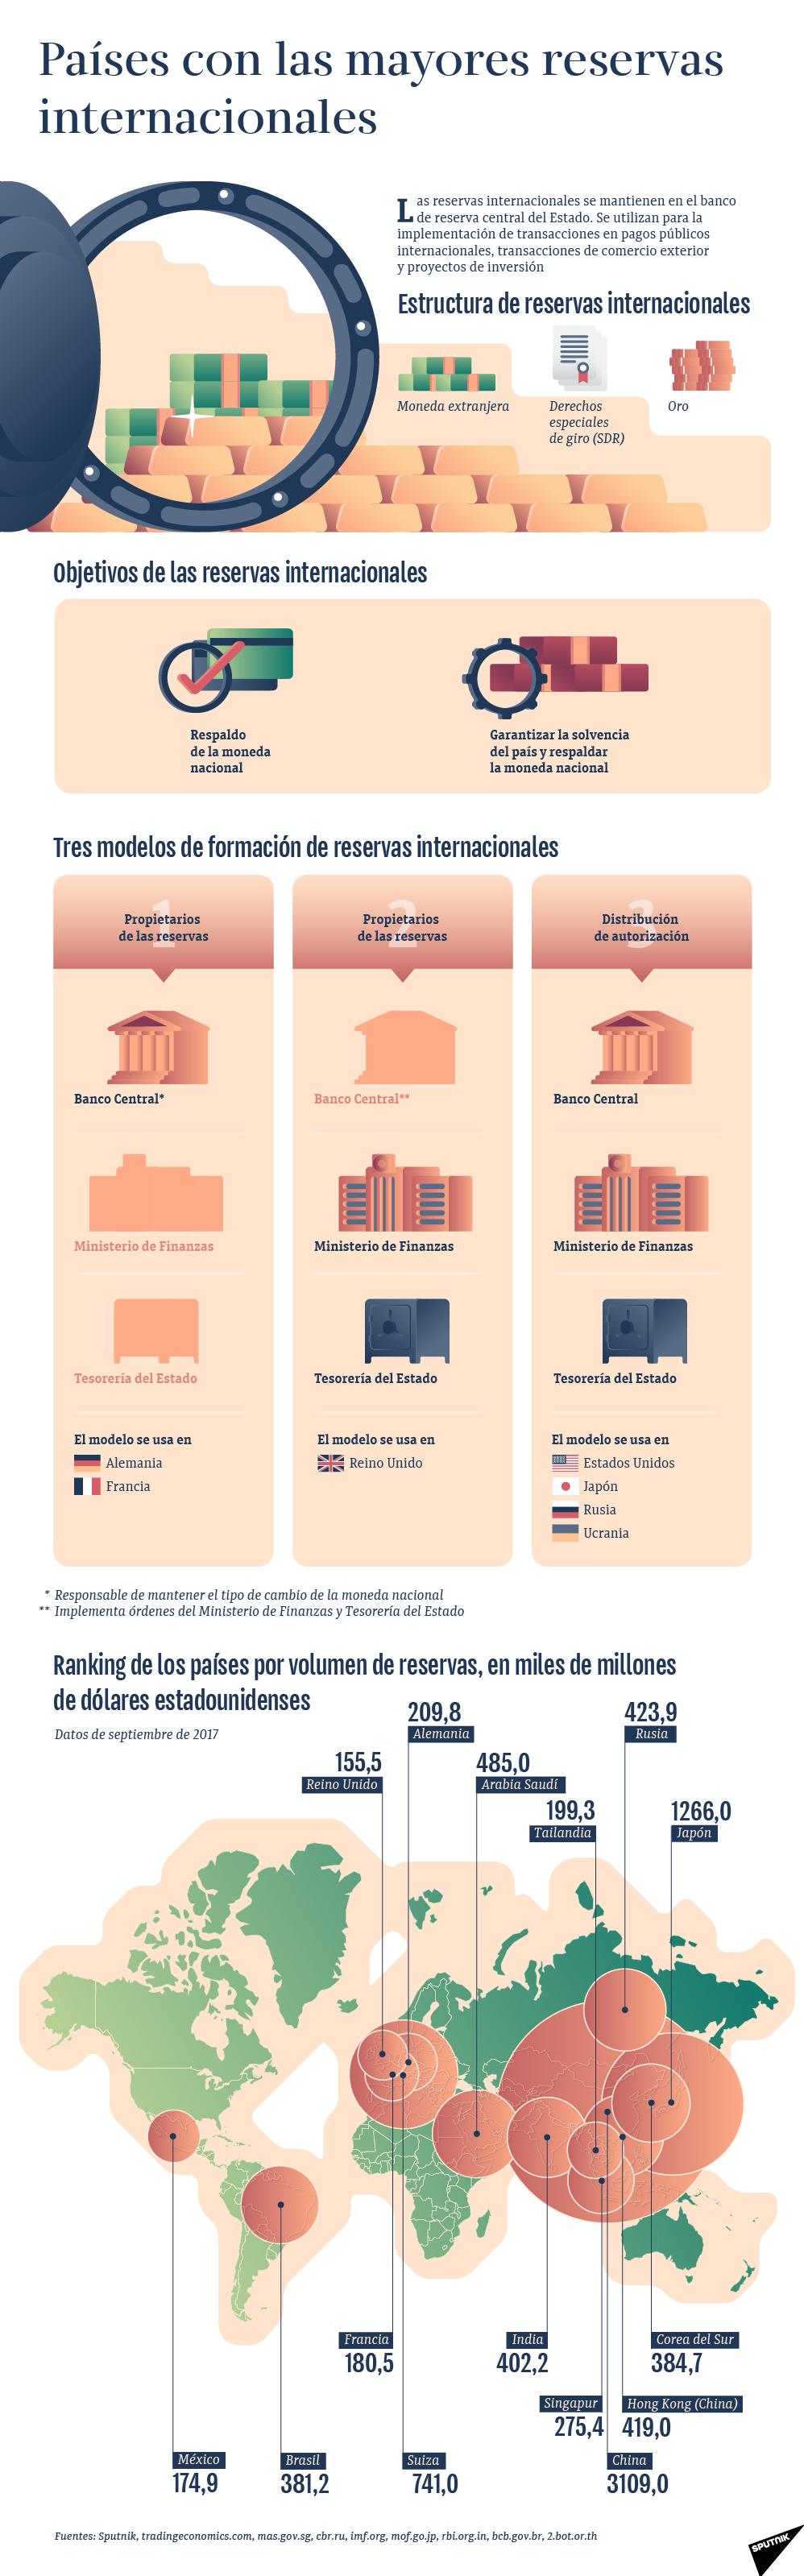 Armados con reservas: conoce los países que poseen los mayores volúmenes